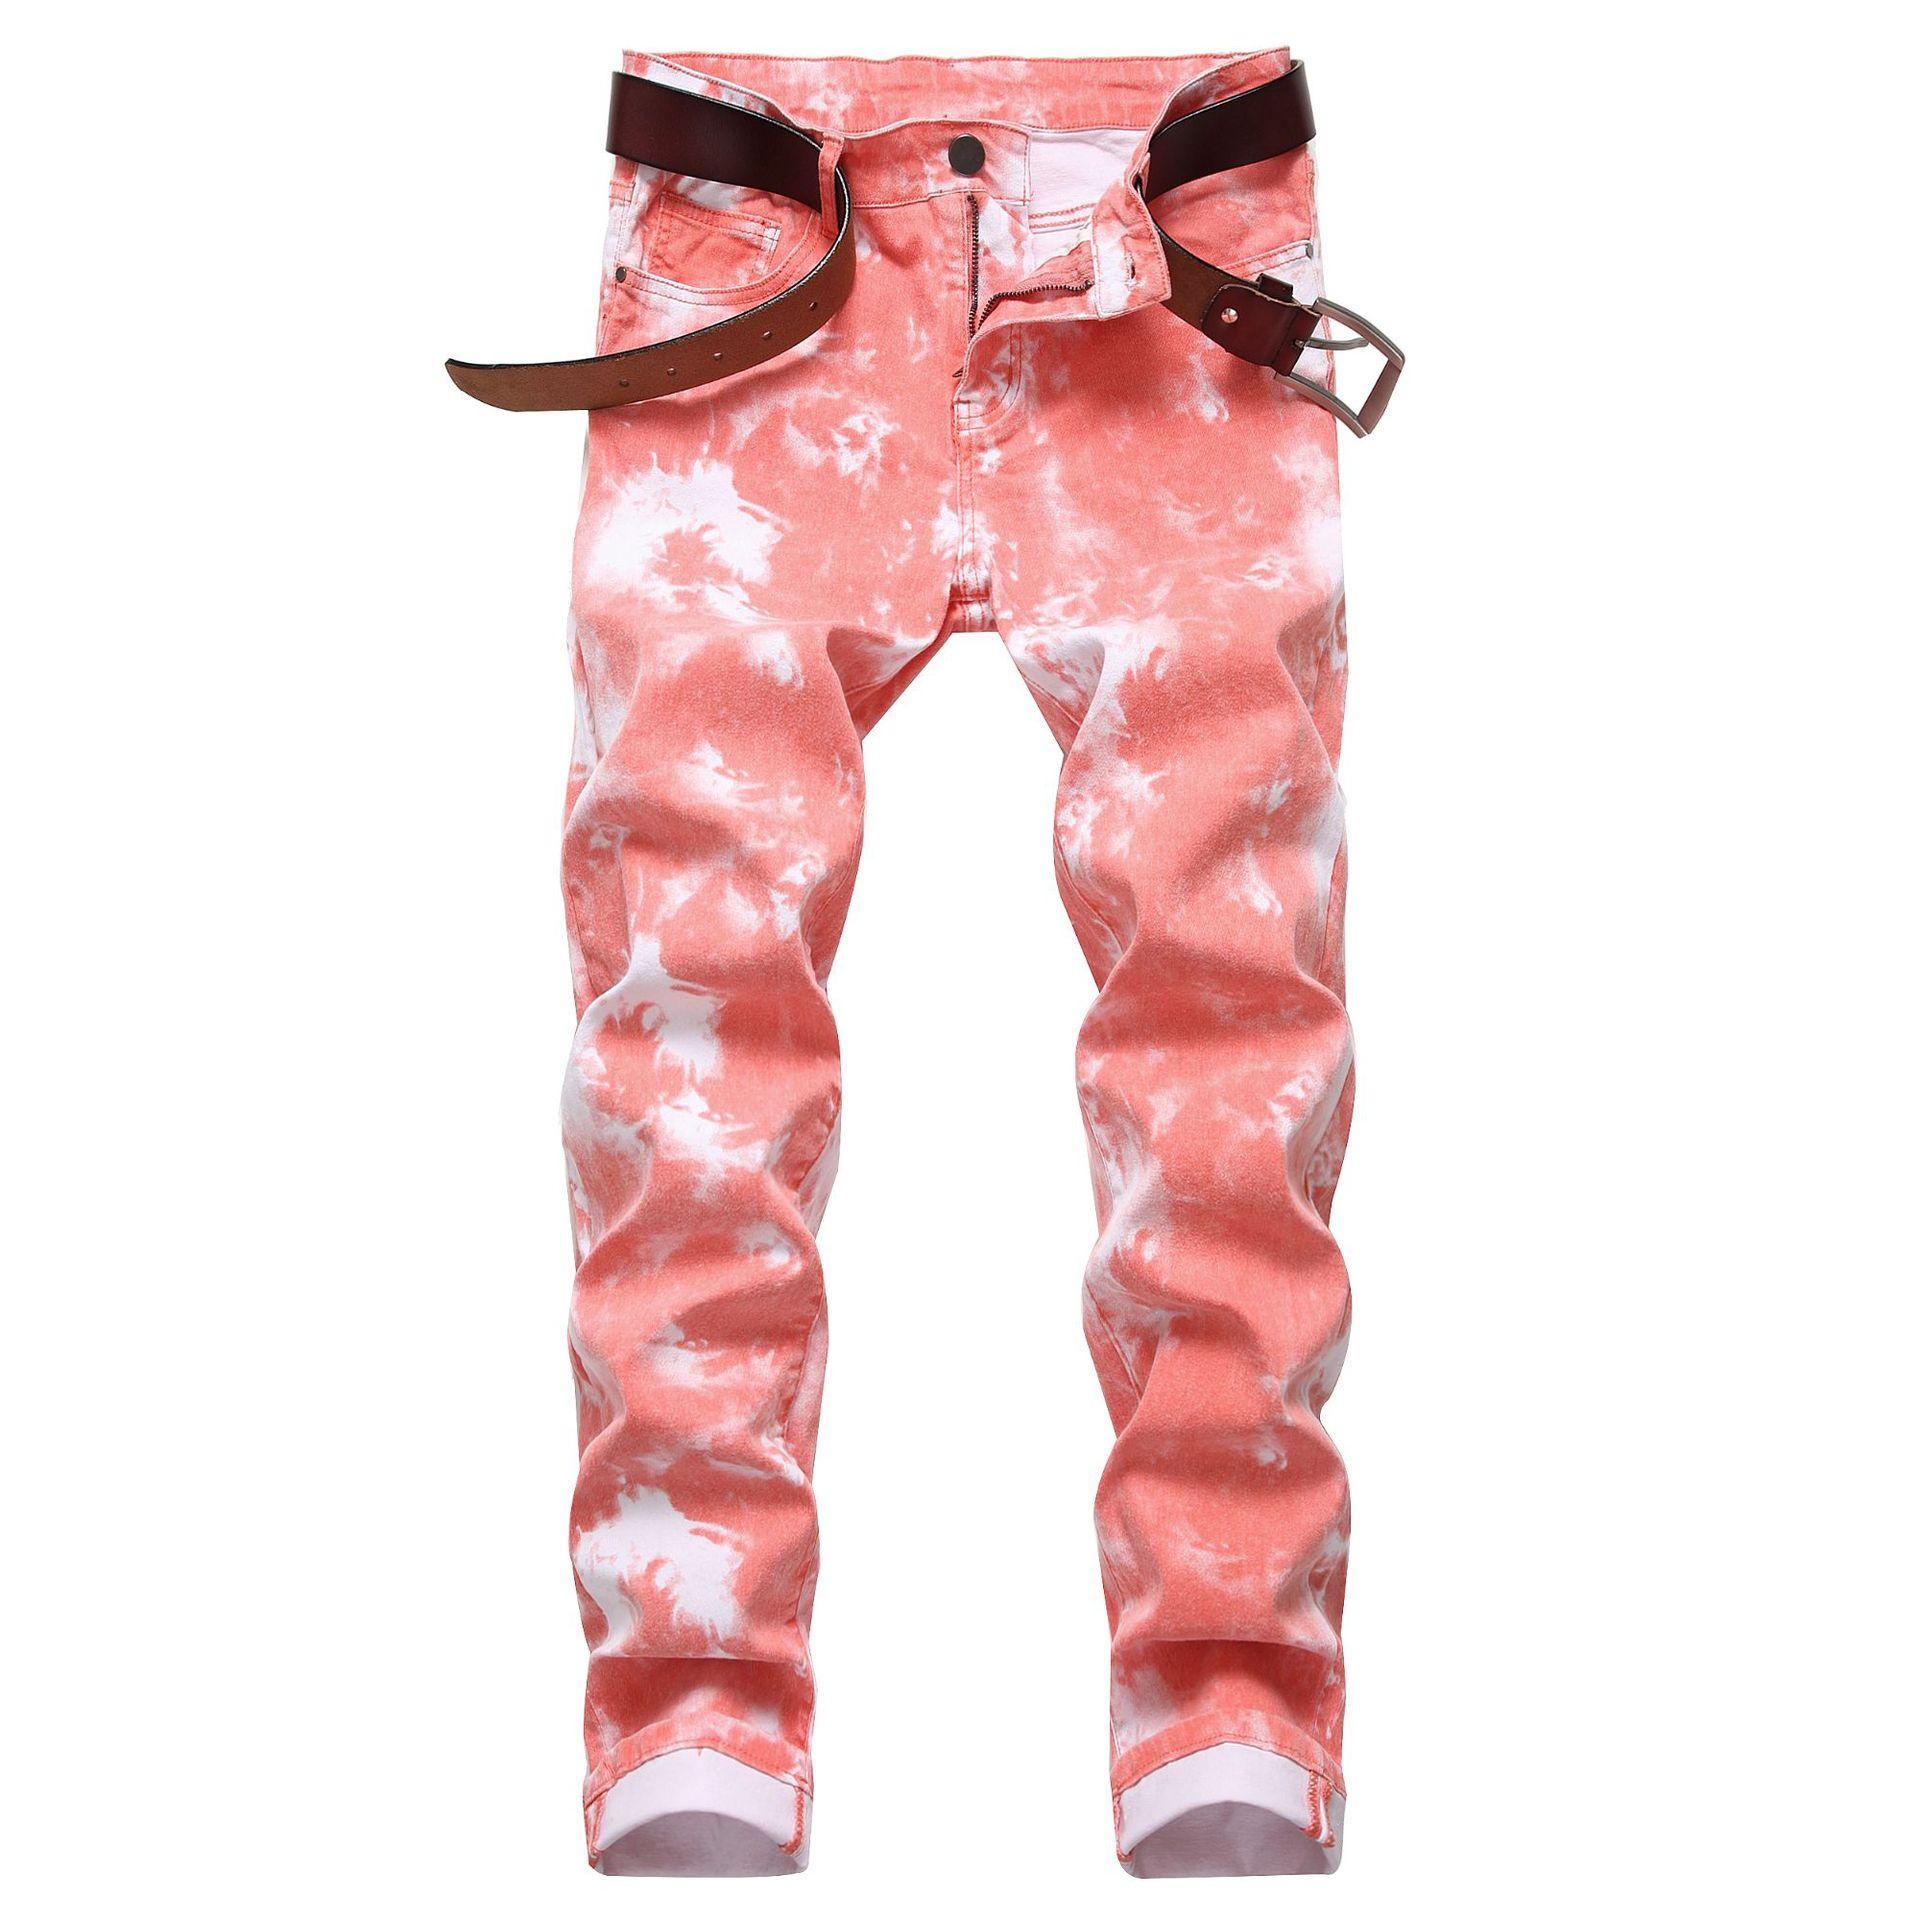 Pantalones Vaqueros de colores para Hombre, Jeans ajustados elásticos rectos de motorista,...